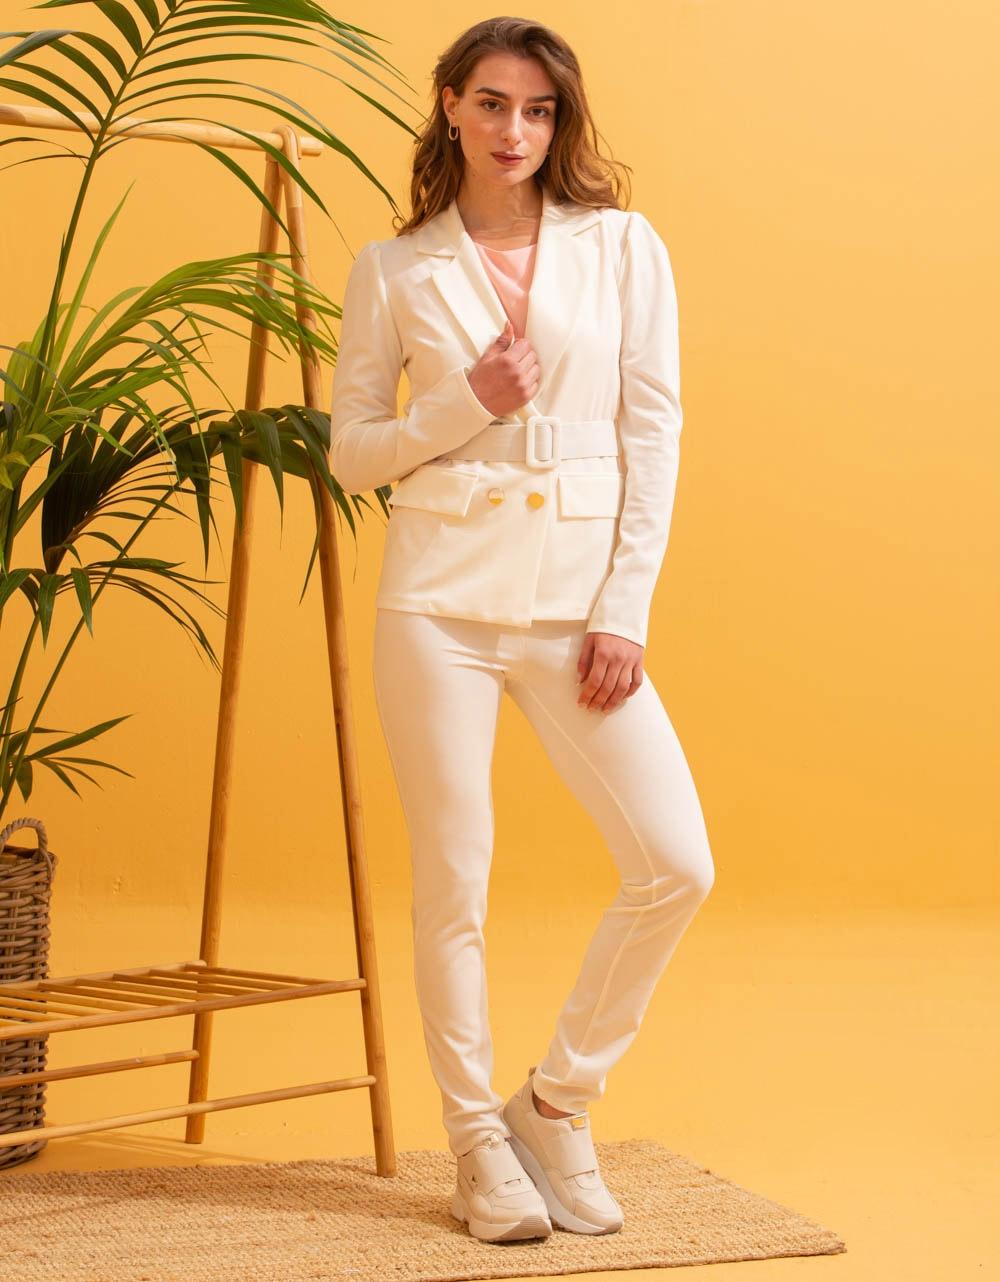 Εικόνα από  Γυναικεία σετ ρούχων παντελόνι & σακάκι Λευκό